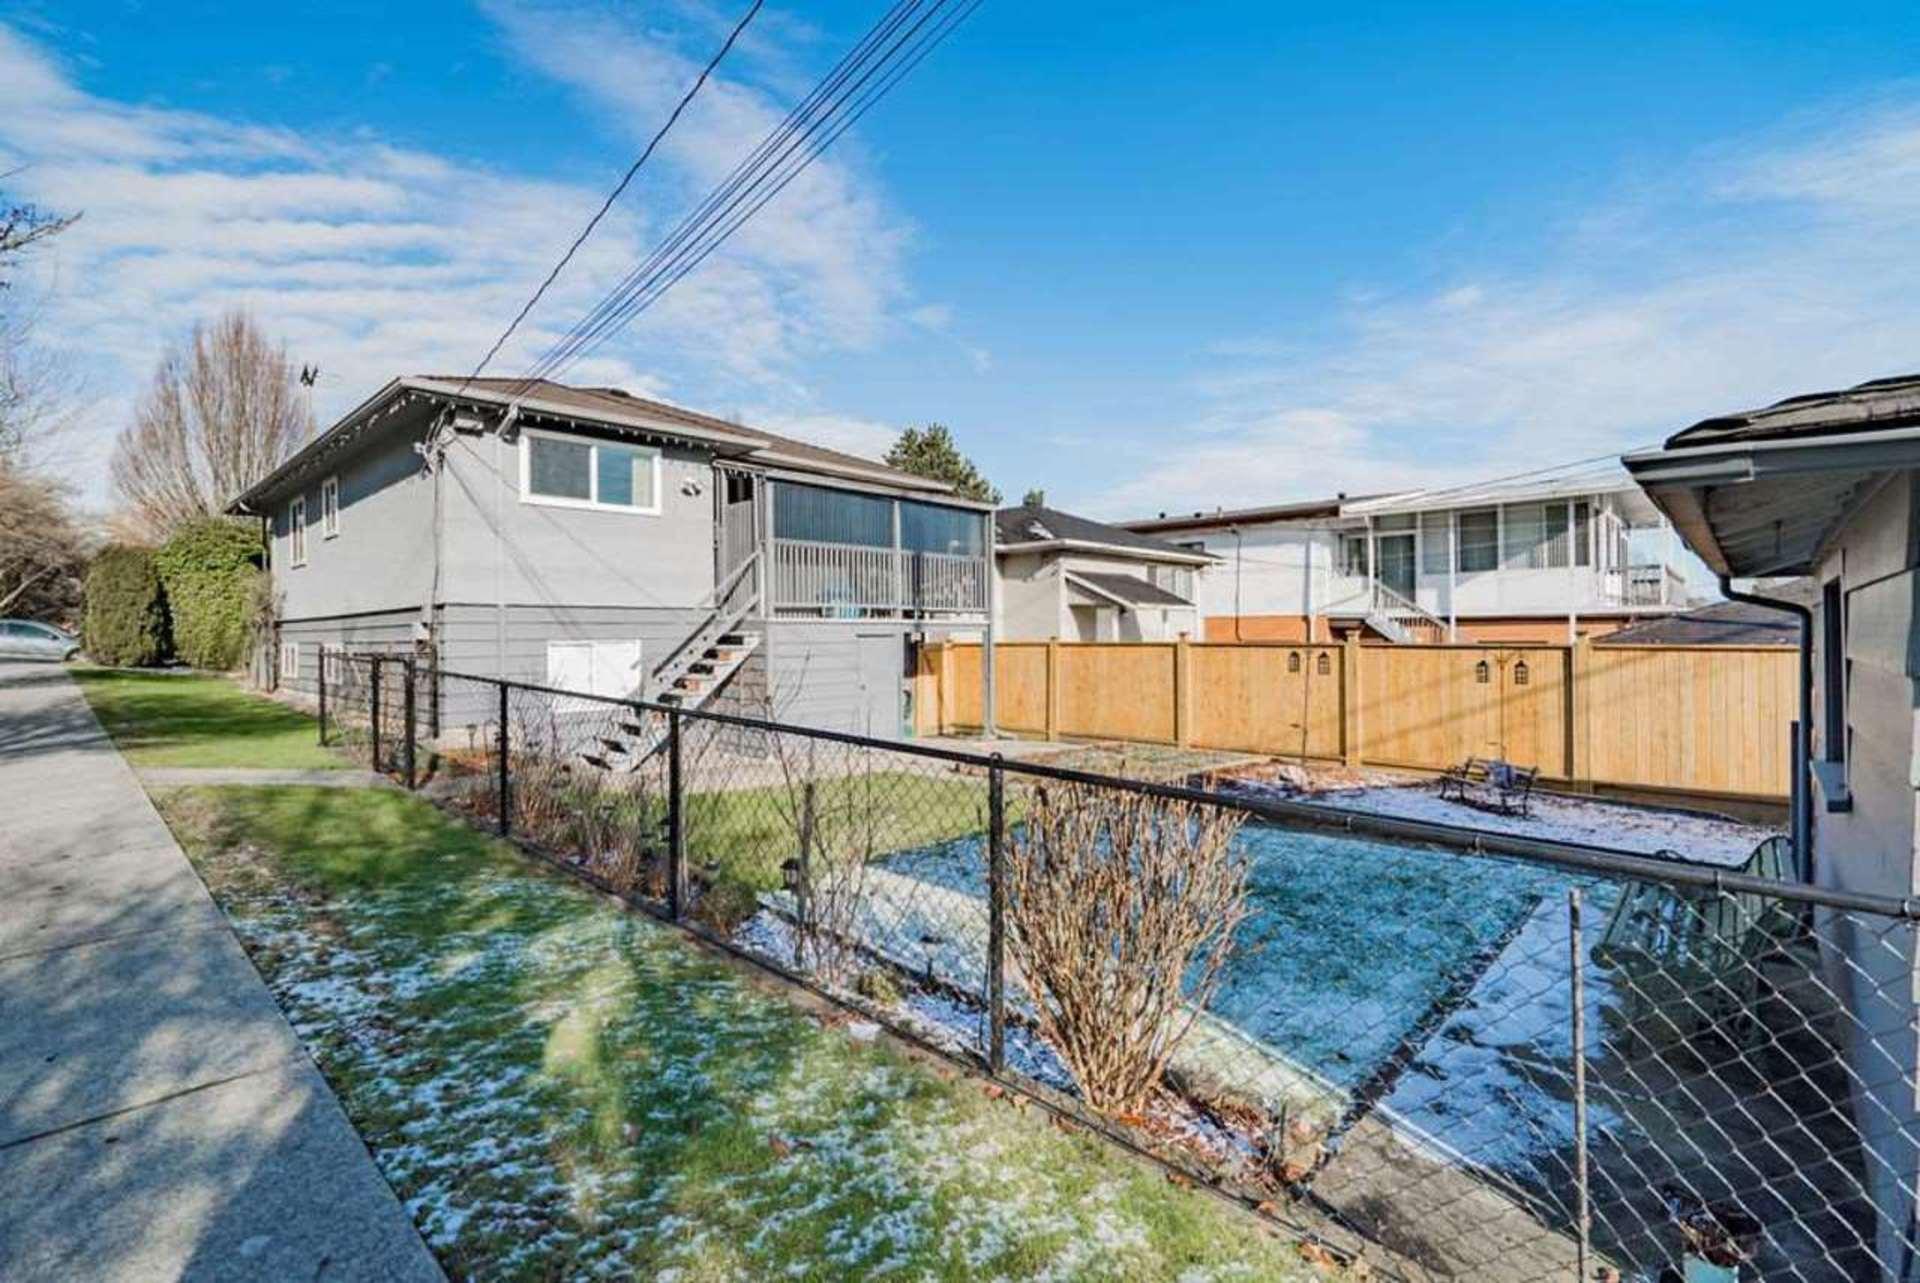 2504-e-1st-avenue-renfrew-ve-vancouver-east-14 at 2504 E 1st Avenue, Renfrew VE, Vancouver East